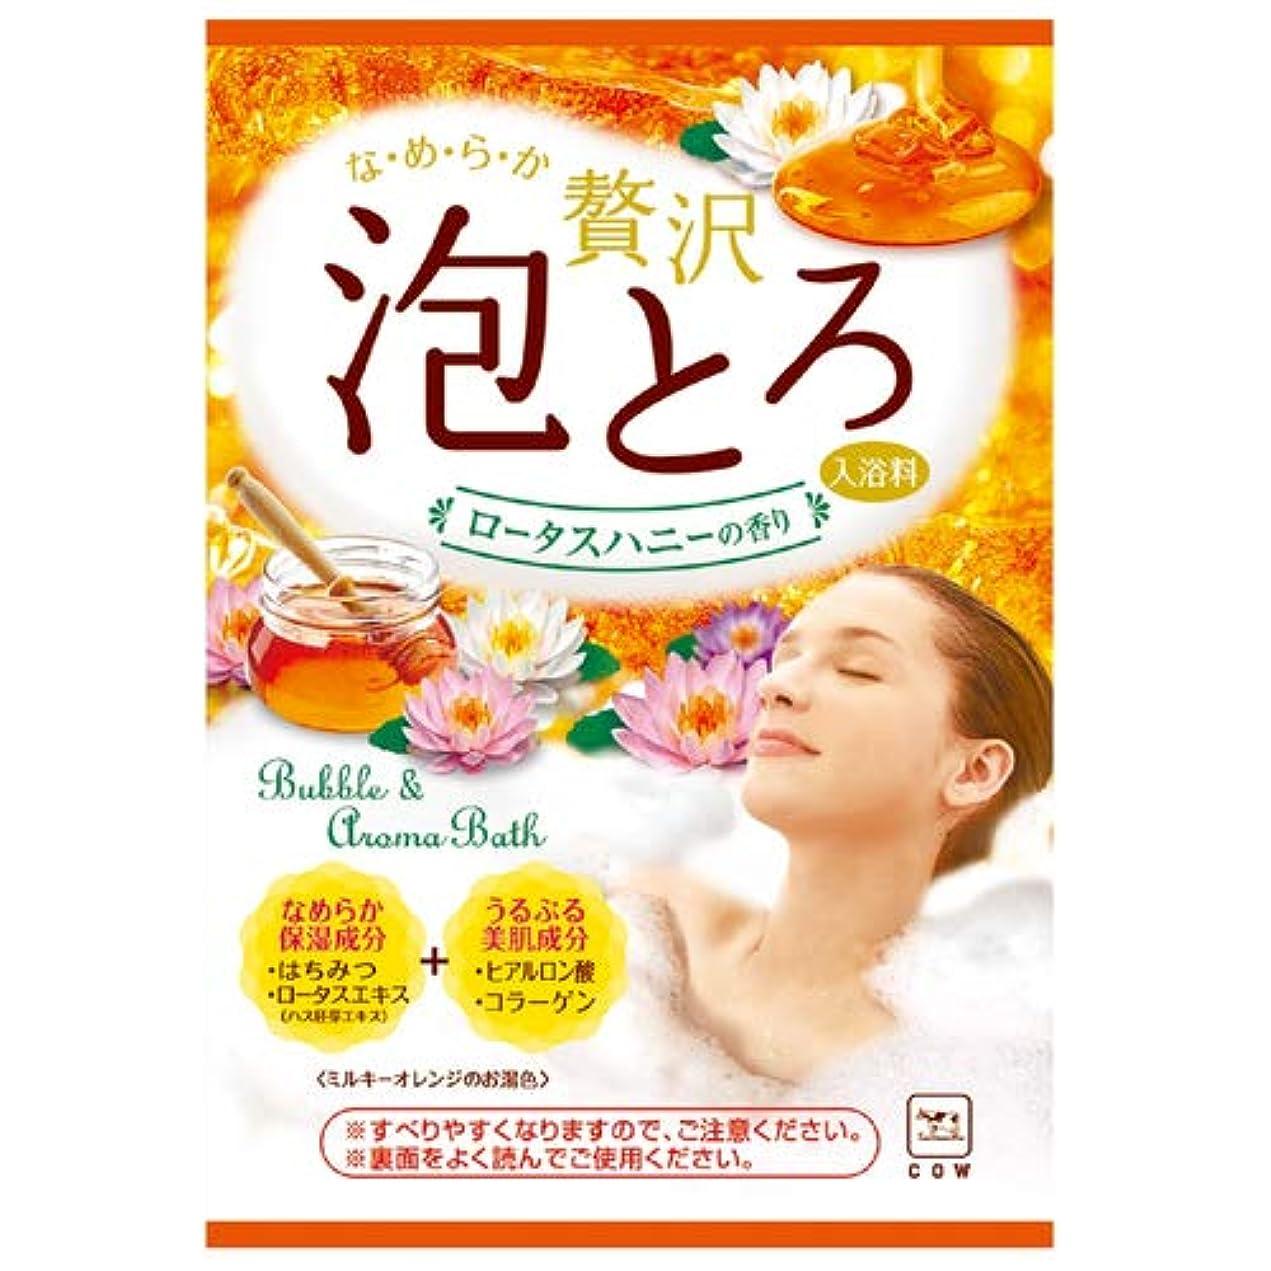 十二センブランス媒染剤お湯物語 贅沢泡とろ入浴料 ロータスハニーの香り 30g